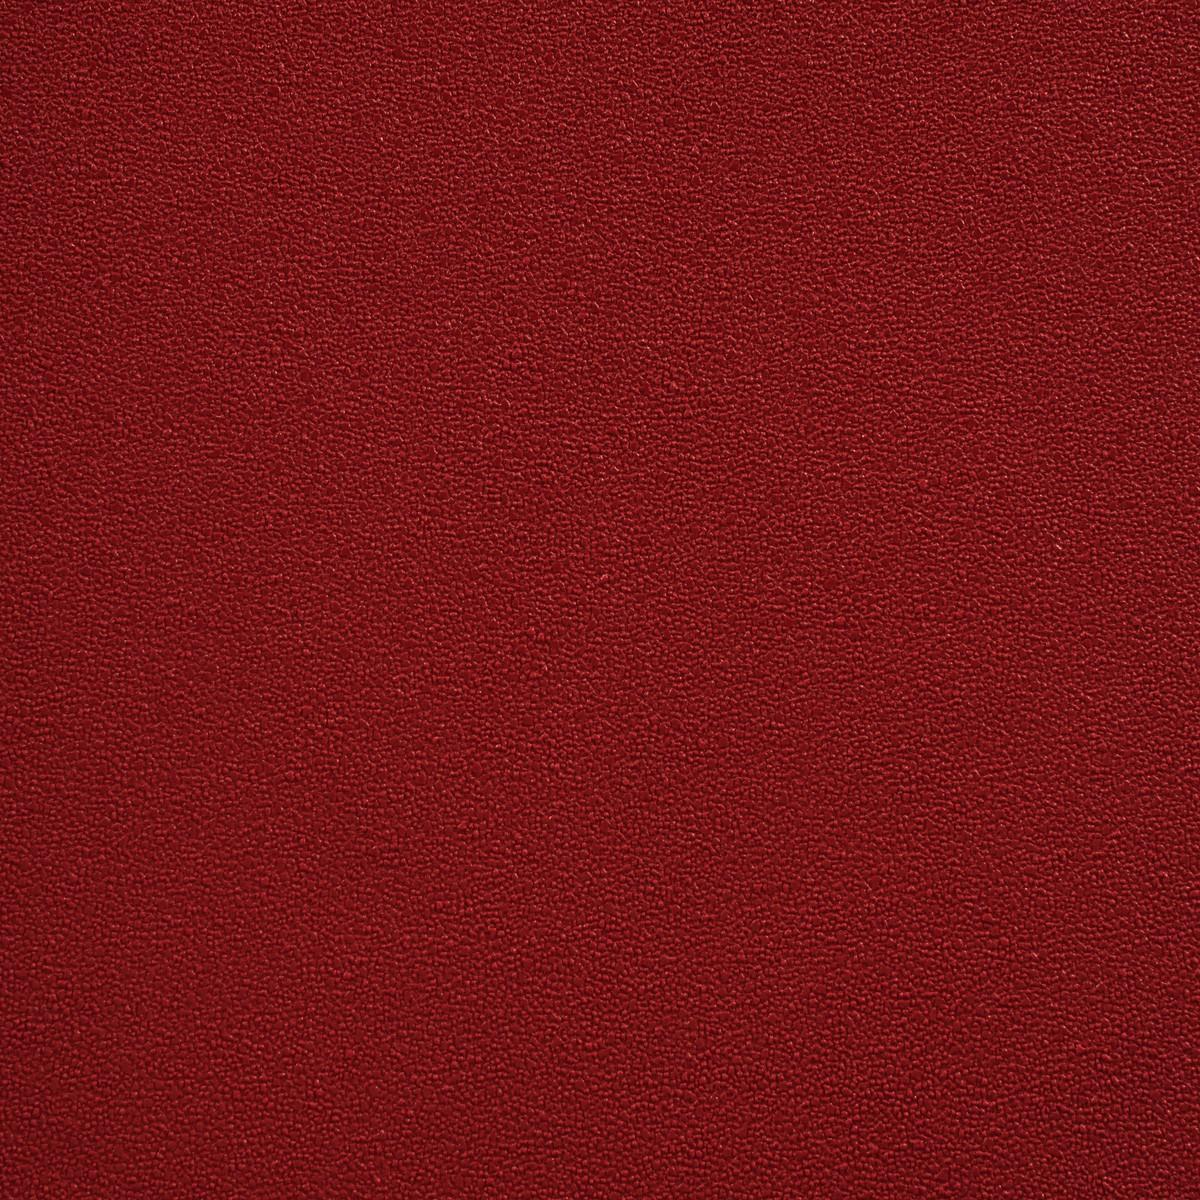 Wohnzimmer Bordeaux Rot Die Neueste Innovation Der